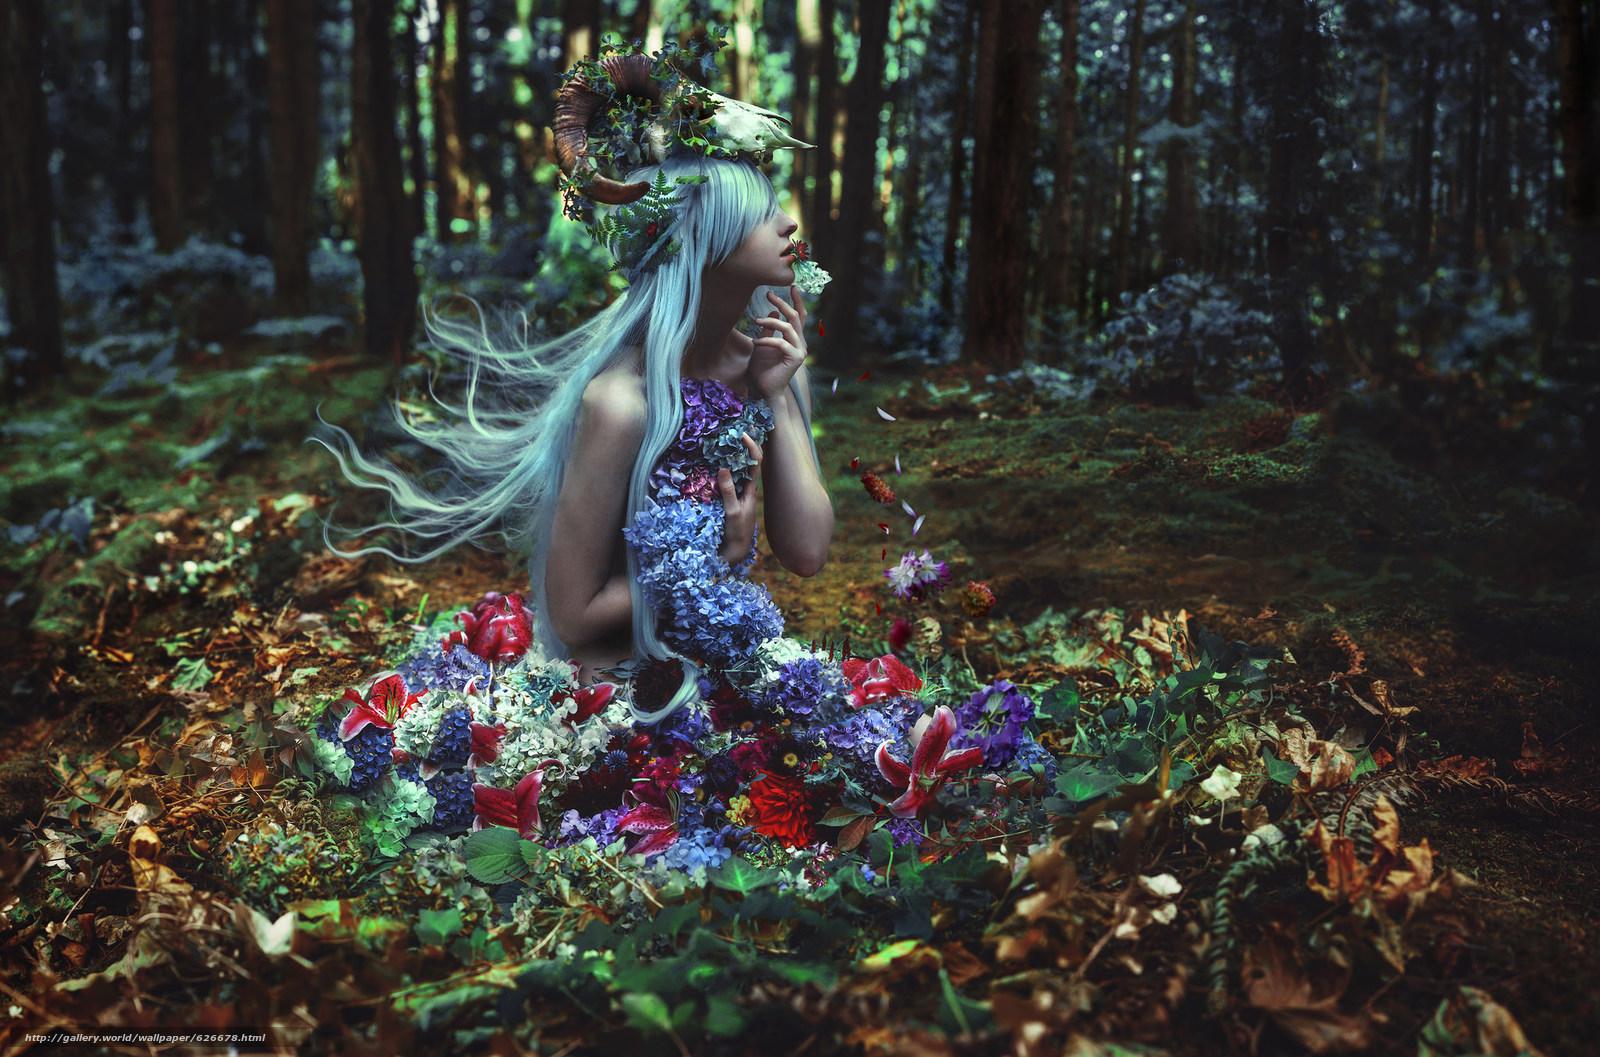 Скачать обои SuzAnne Steben,  нимфа,  лес,  цветы бесплатно для рабочего стола в разрешении 2048x1353 — картинка №626678